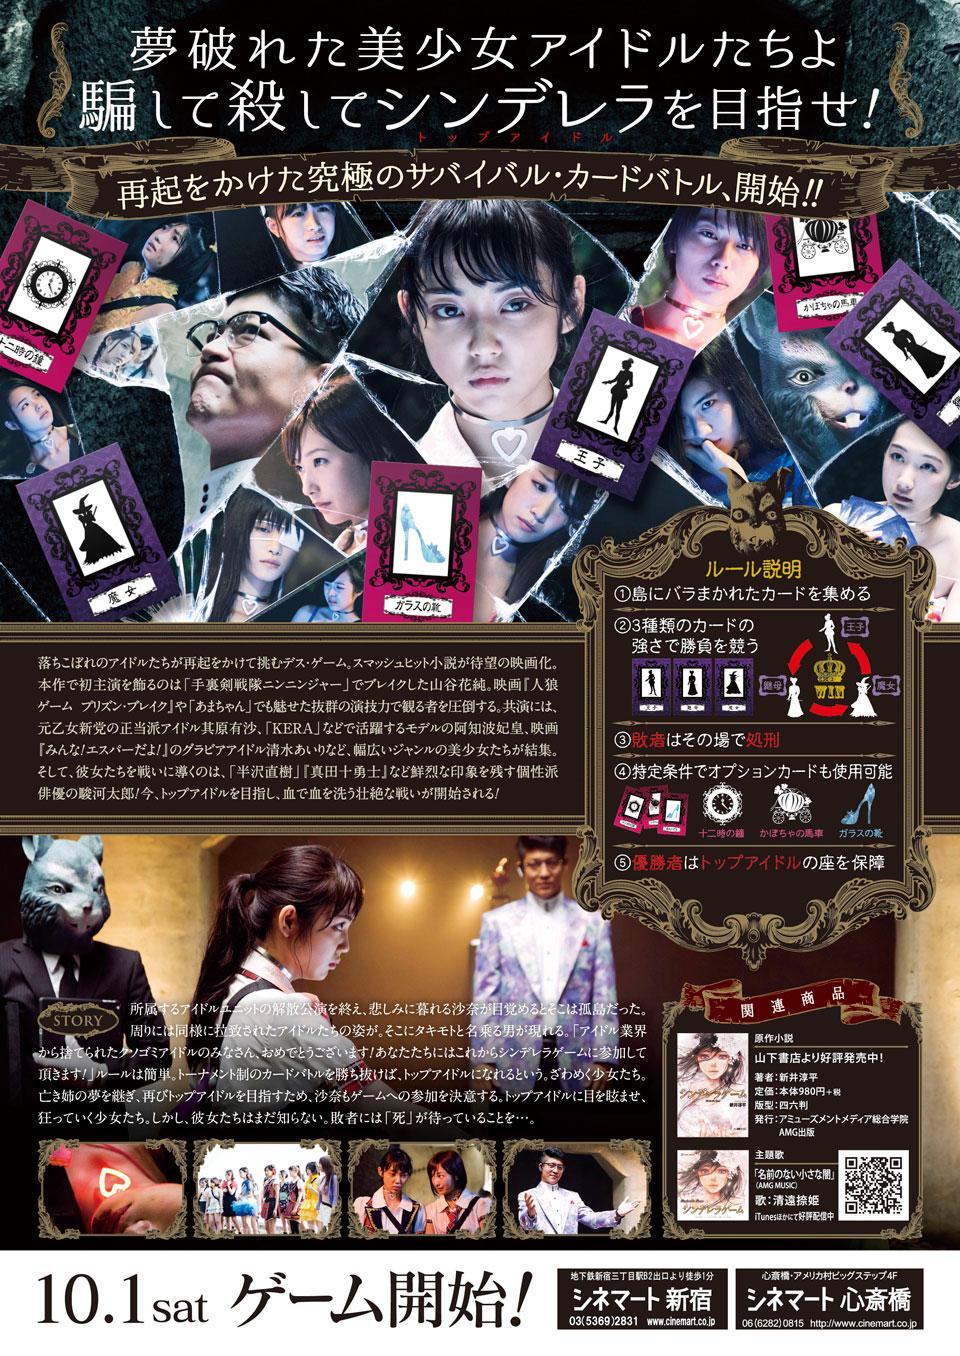 シンデレラゲーム poster 山谷花純 主演 映画